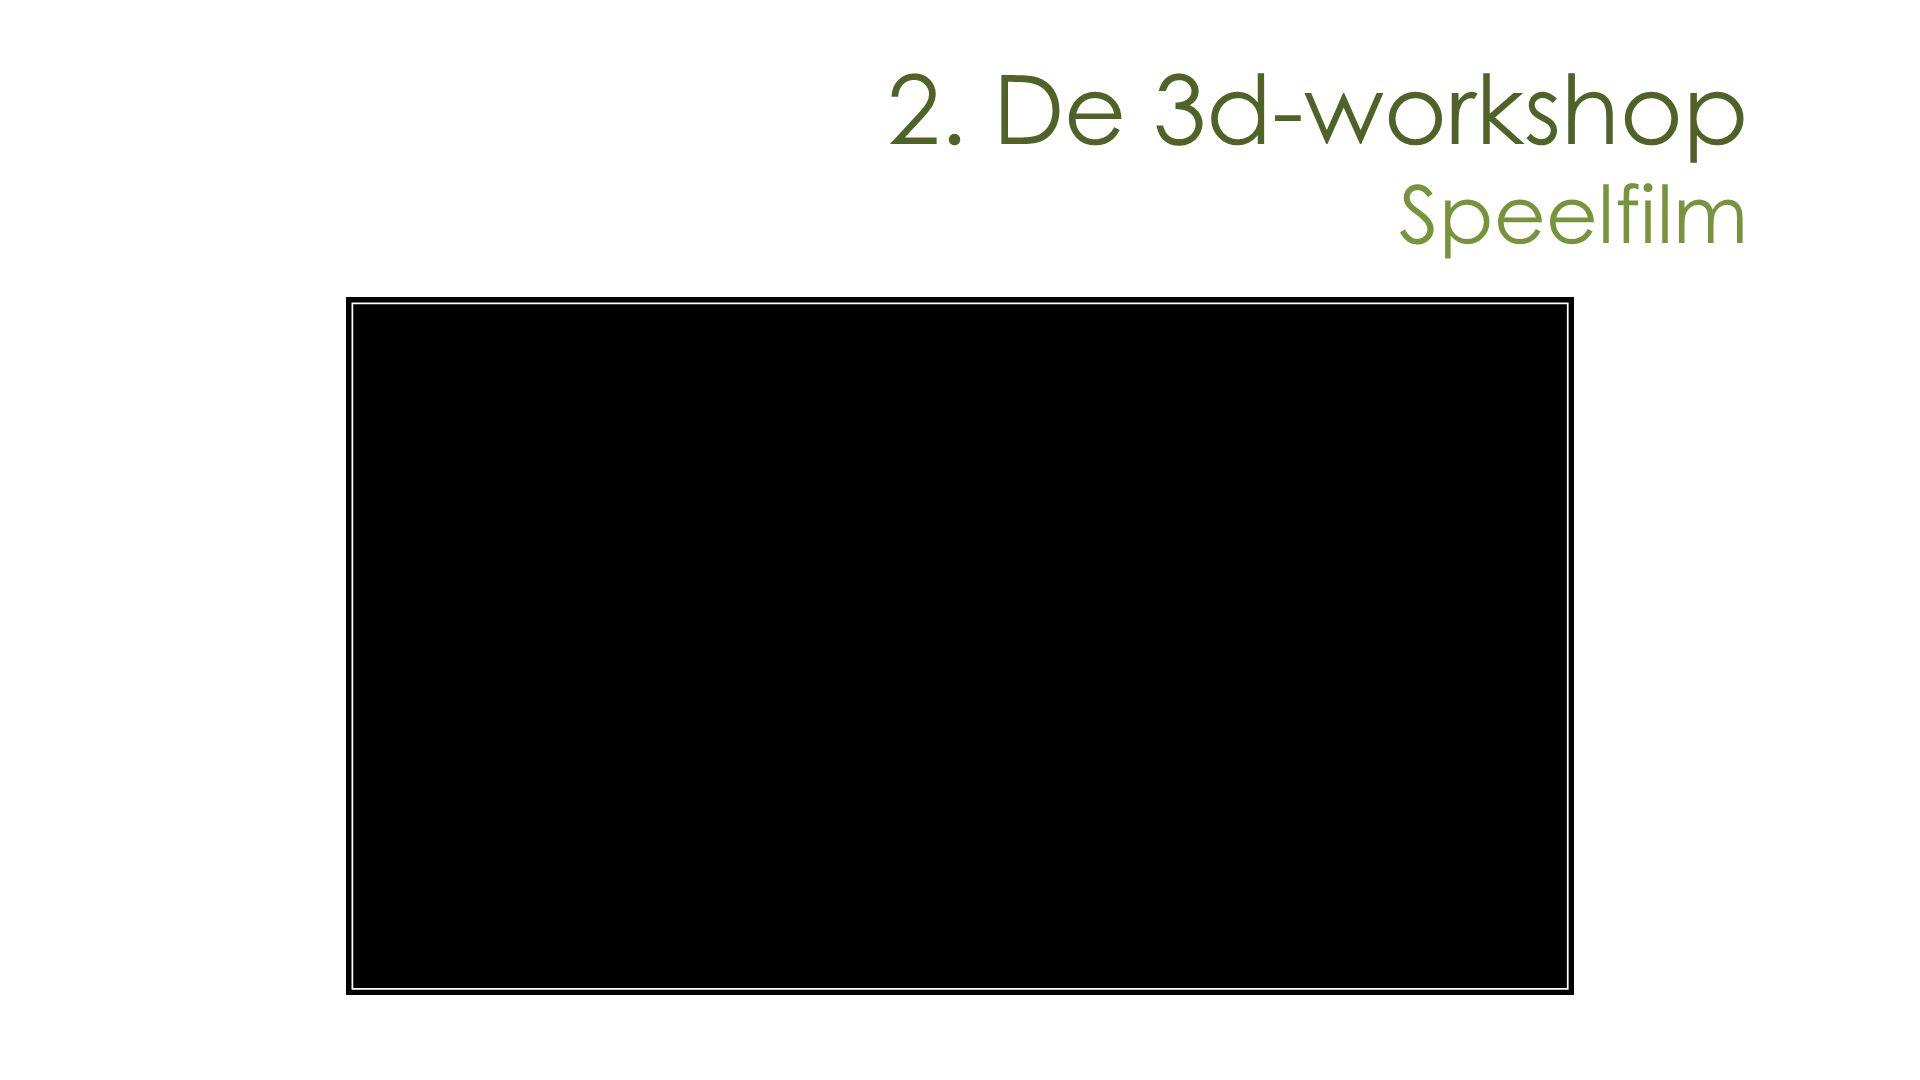 2. De 3d-workshop Speelfilm